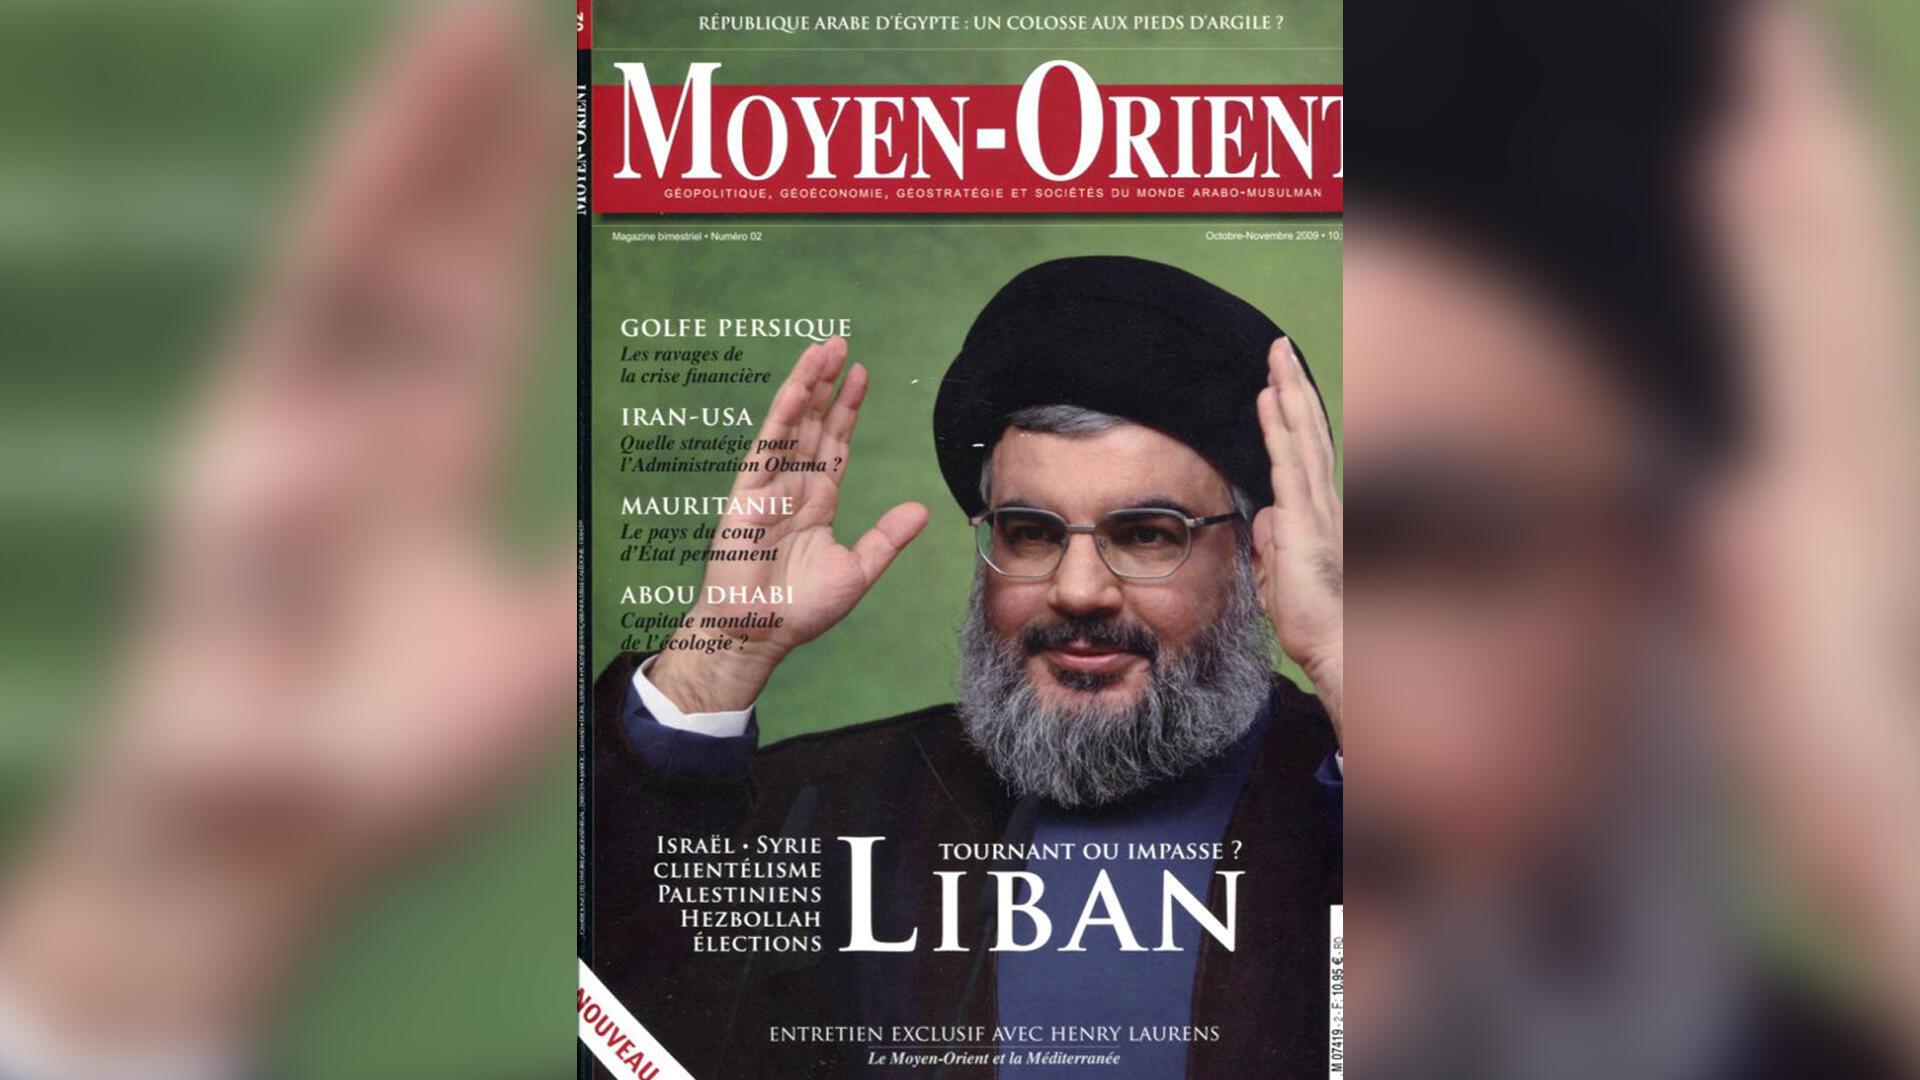 Couverture Revue Moyen Orient - Liban - tournant ou impasse - Orient hebdo 18 juillet 2021